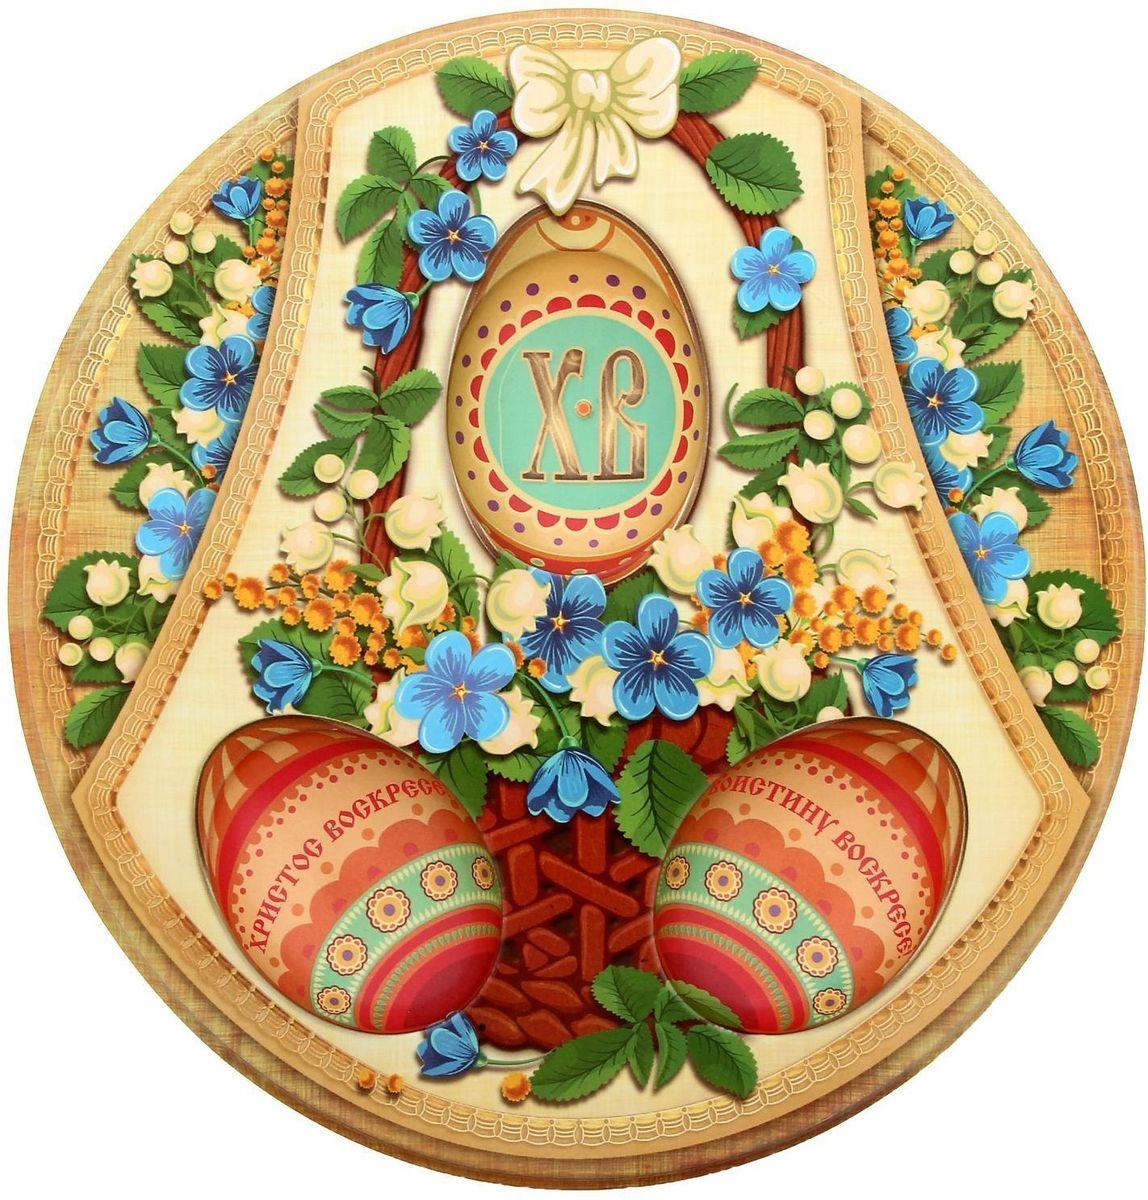 Подставка пасхальная ХВ, под 3 яйца, 19 х 20 см. 1253101VT-1520(SR)Пасхальная подставка для 3 яйц и кулича изготовлена из качественного пластика, в центре имеется яркая вставка. Аксессуар станет достойным украшением праздничного стола, создаст радостное настроение и наполнит пространство вашего дома благостной энергией на весь год вперёд.Подставка будет ценным памятным подарком для родных, друзей и коллег.Радости, добра и света вам и вашим близким!